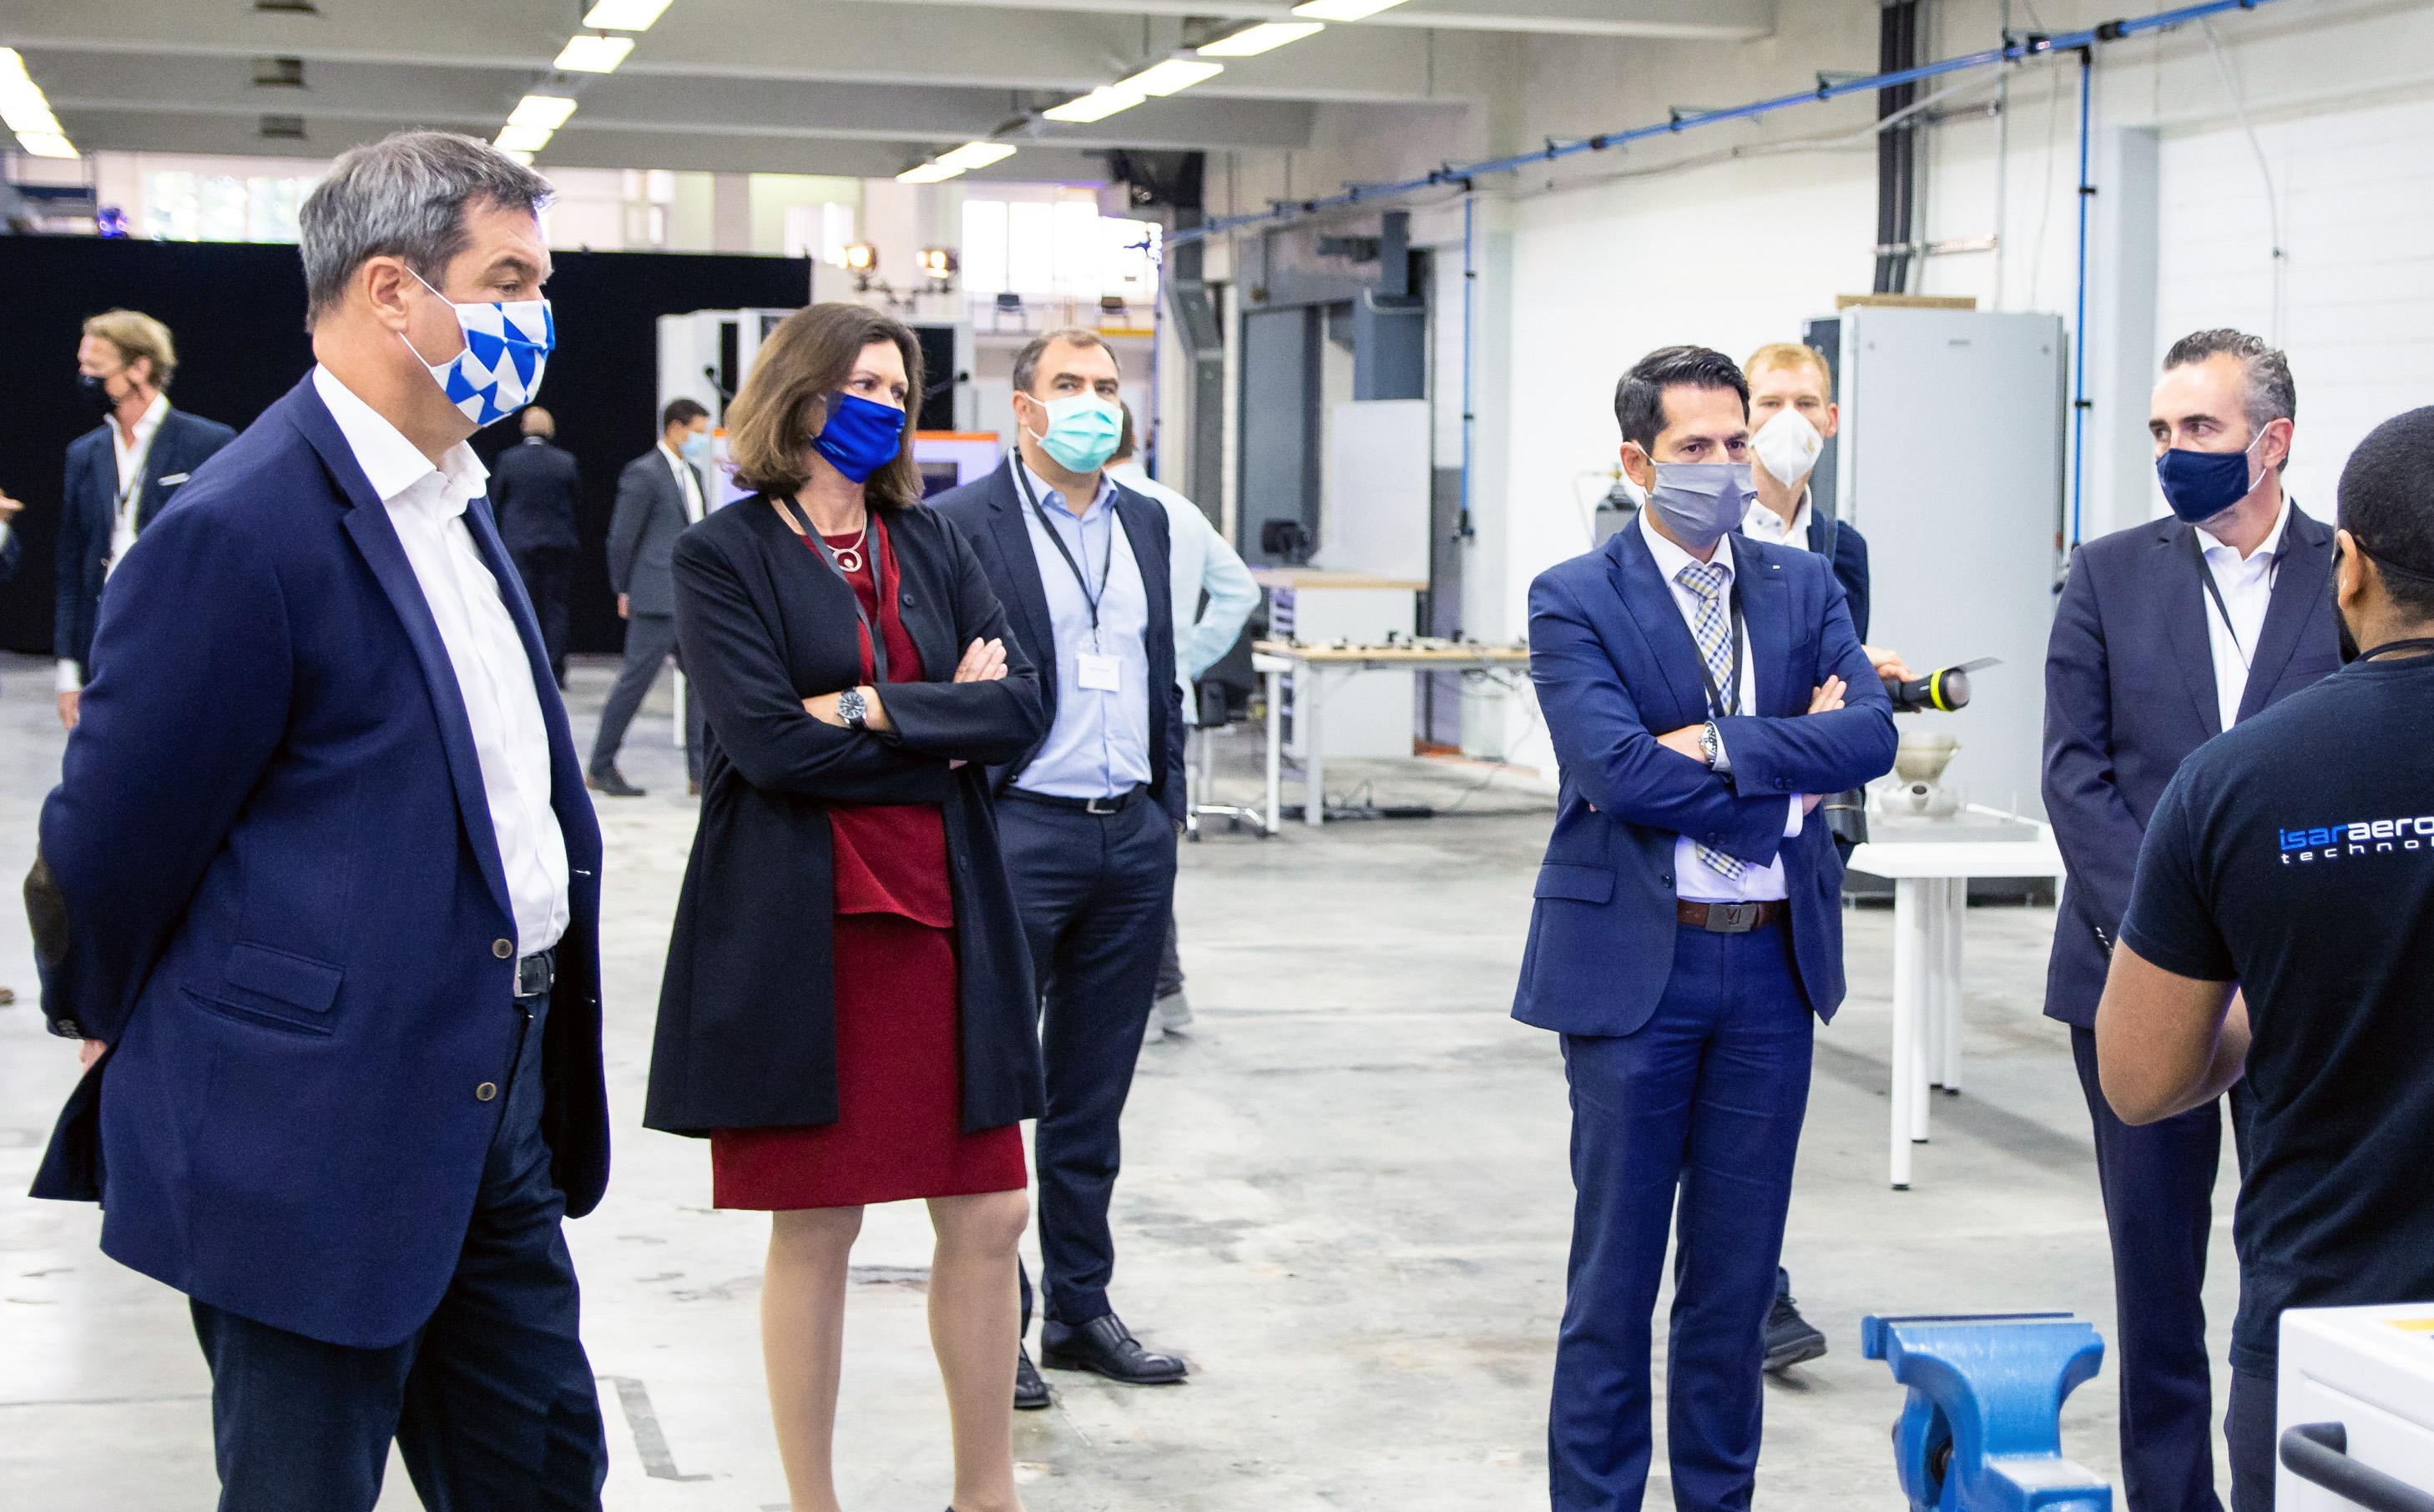 Bei der Eröffnung der Produktionshallen (v. li.): Ministerpräsident Dr. Markus Söder, Ilse Aigner, Präsidentin des Bayerischen Landestags, TUM Präsident Prof. Dr. Thomas F. Hofmann.